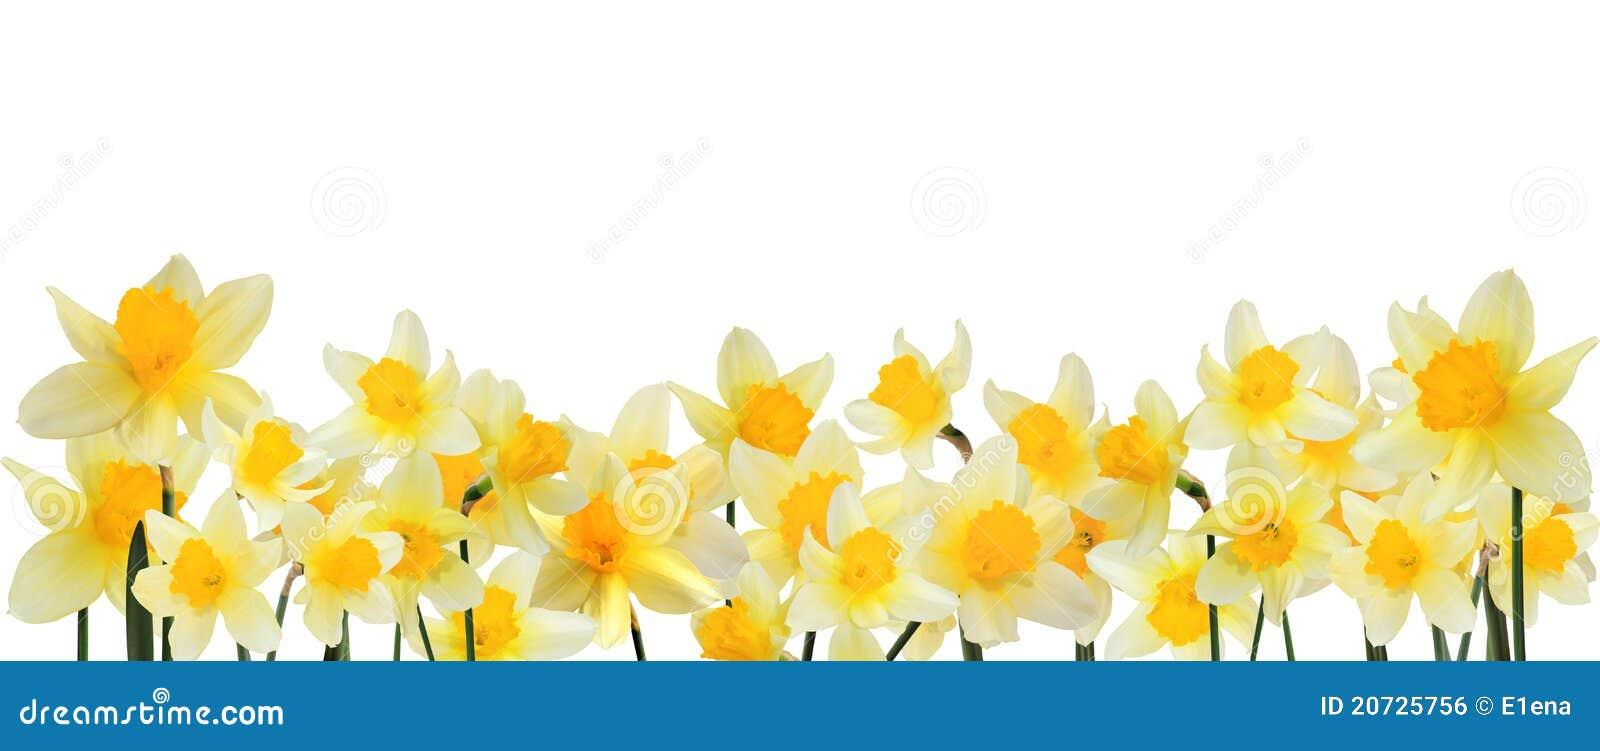 Flower Bottom Border Flower Inspiration